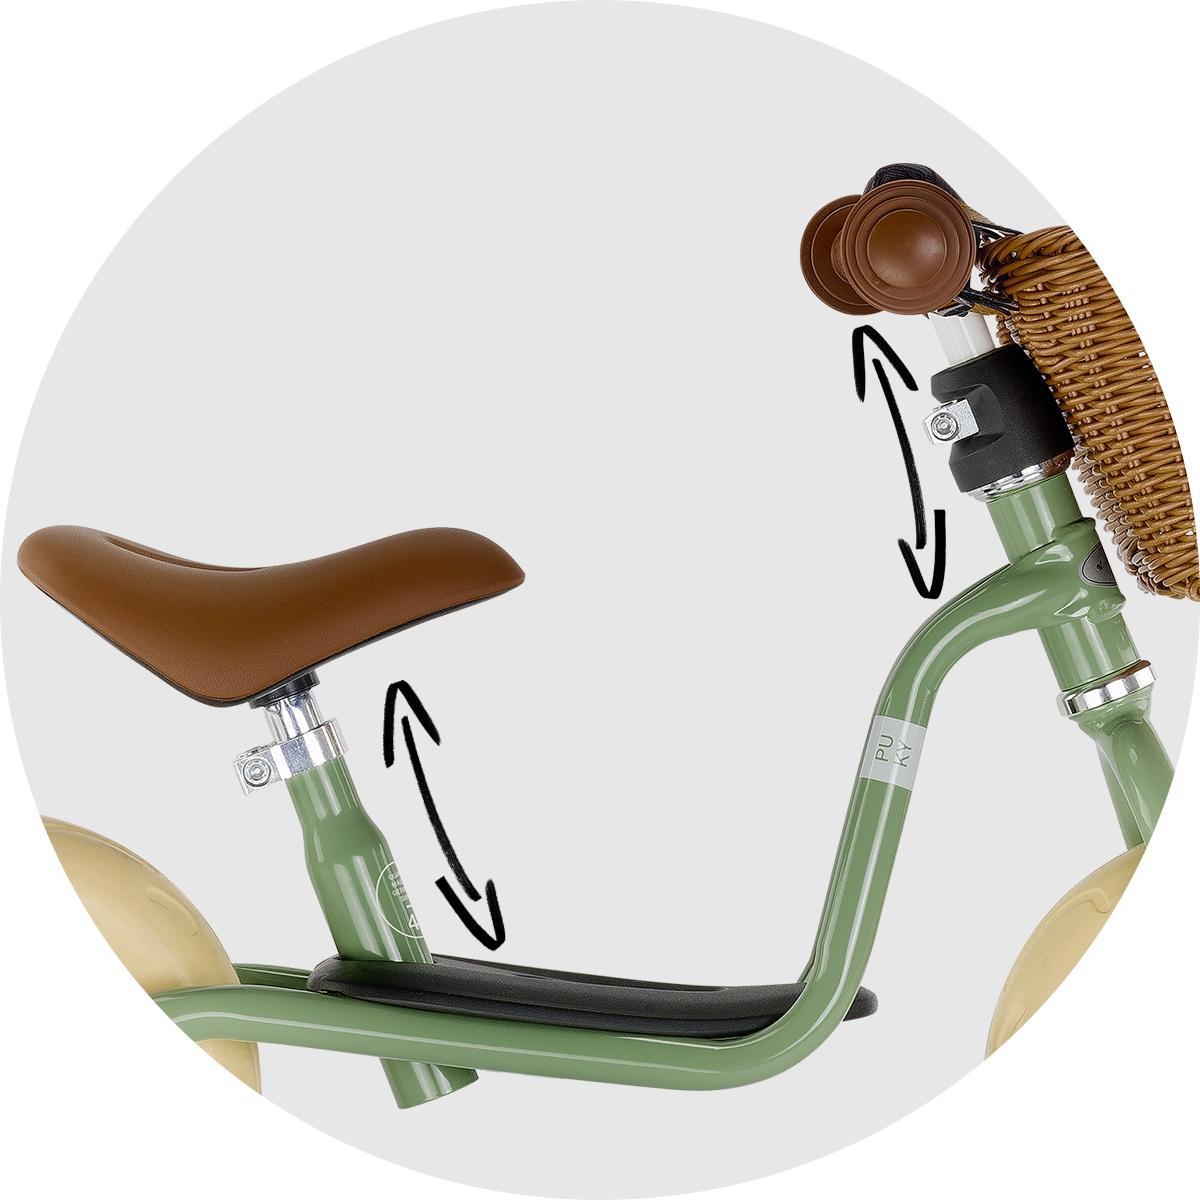 Rowerek biegowy PUKY LR M antracyt koszyk 3099 Kolor inny